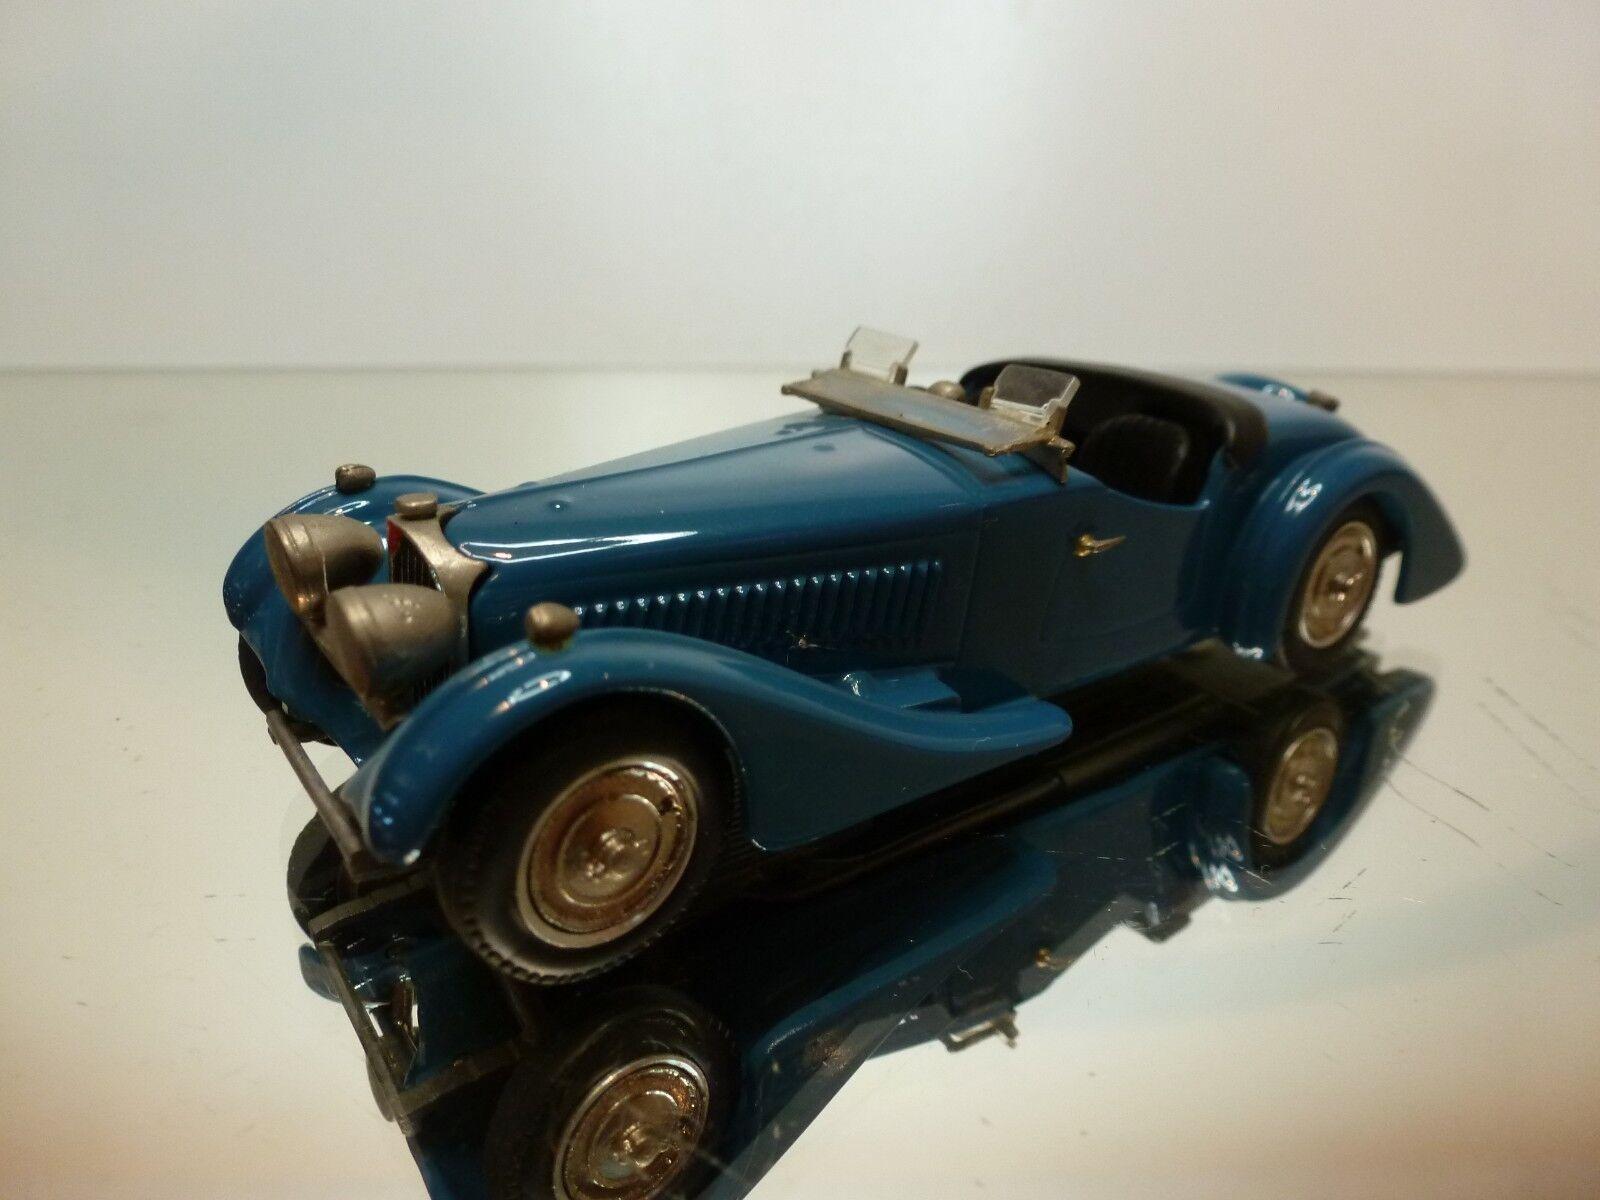 WESTERN MODELS 39 BUGATTI 57 CORSICA TOURER 1938 - bleu 1 43 - VERY GOOD - 2